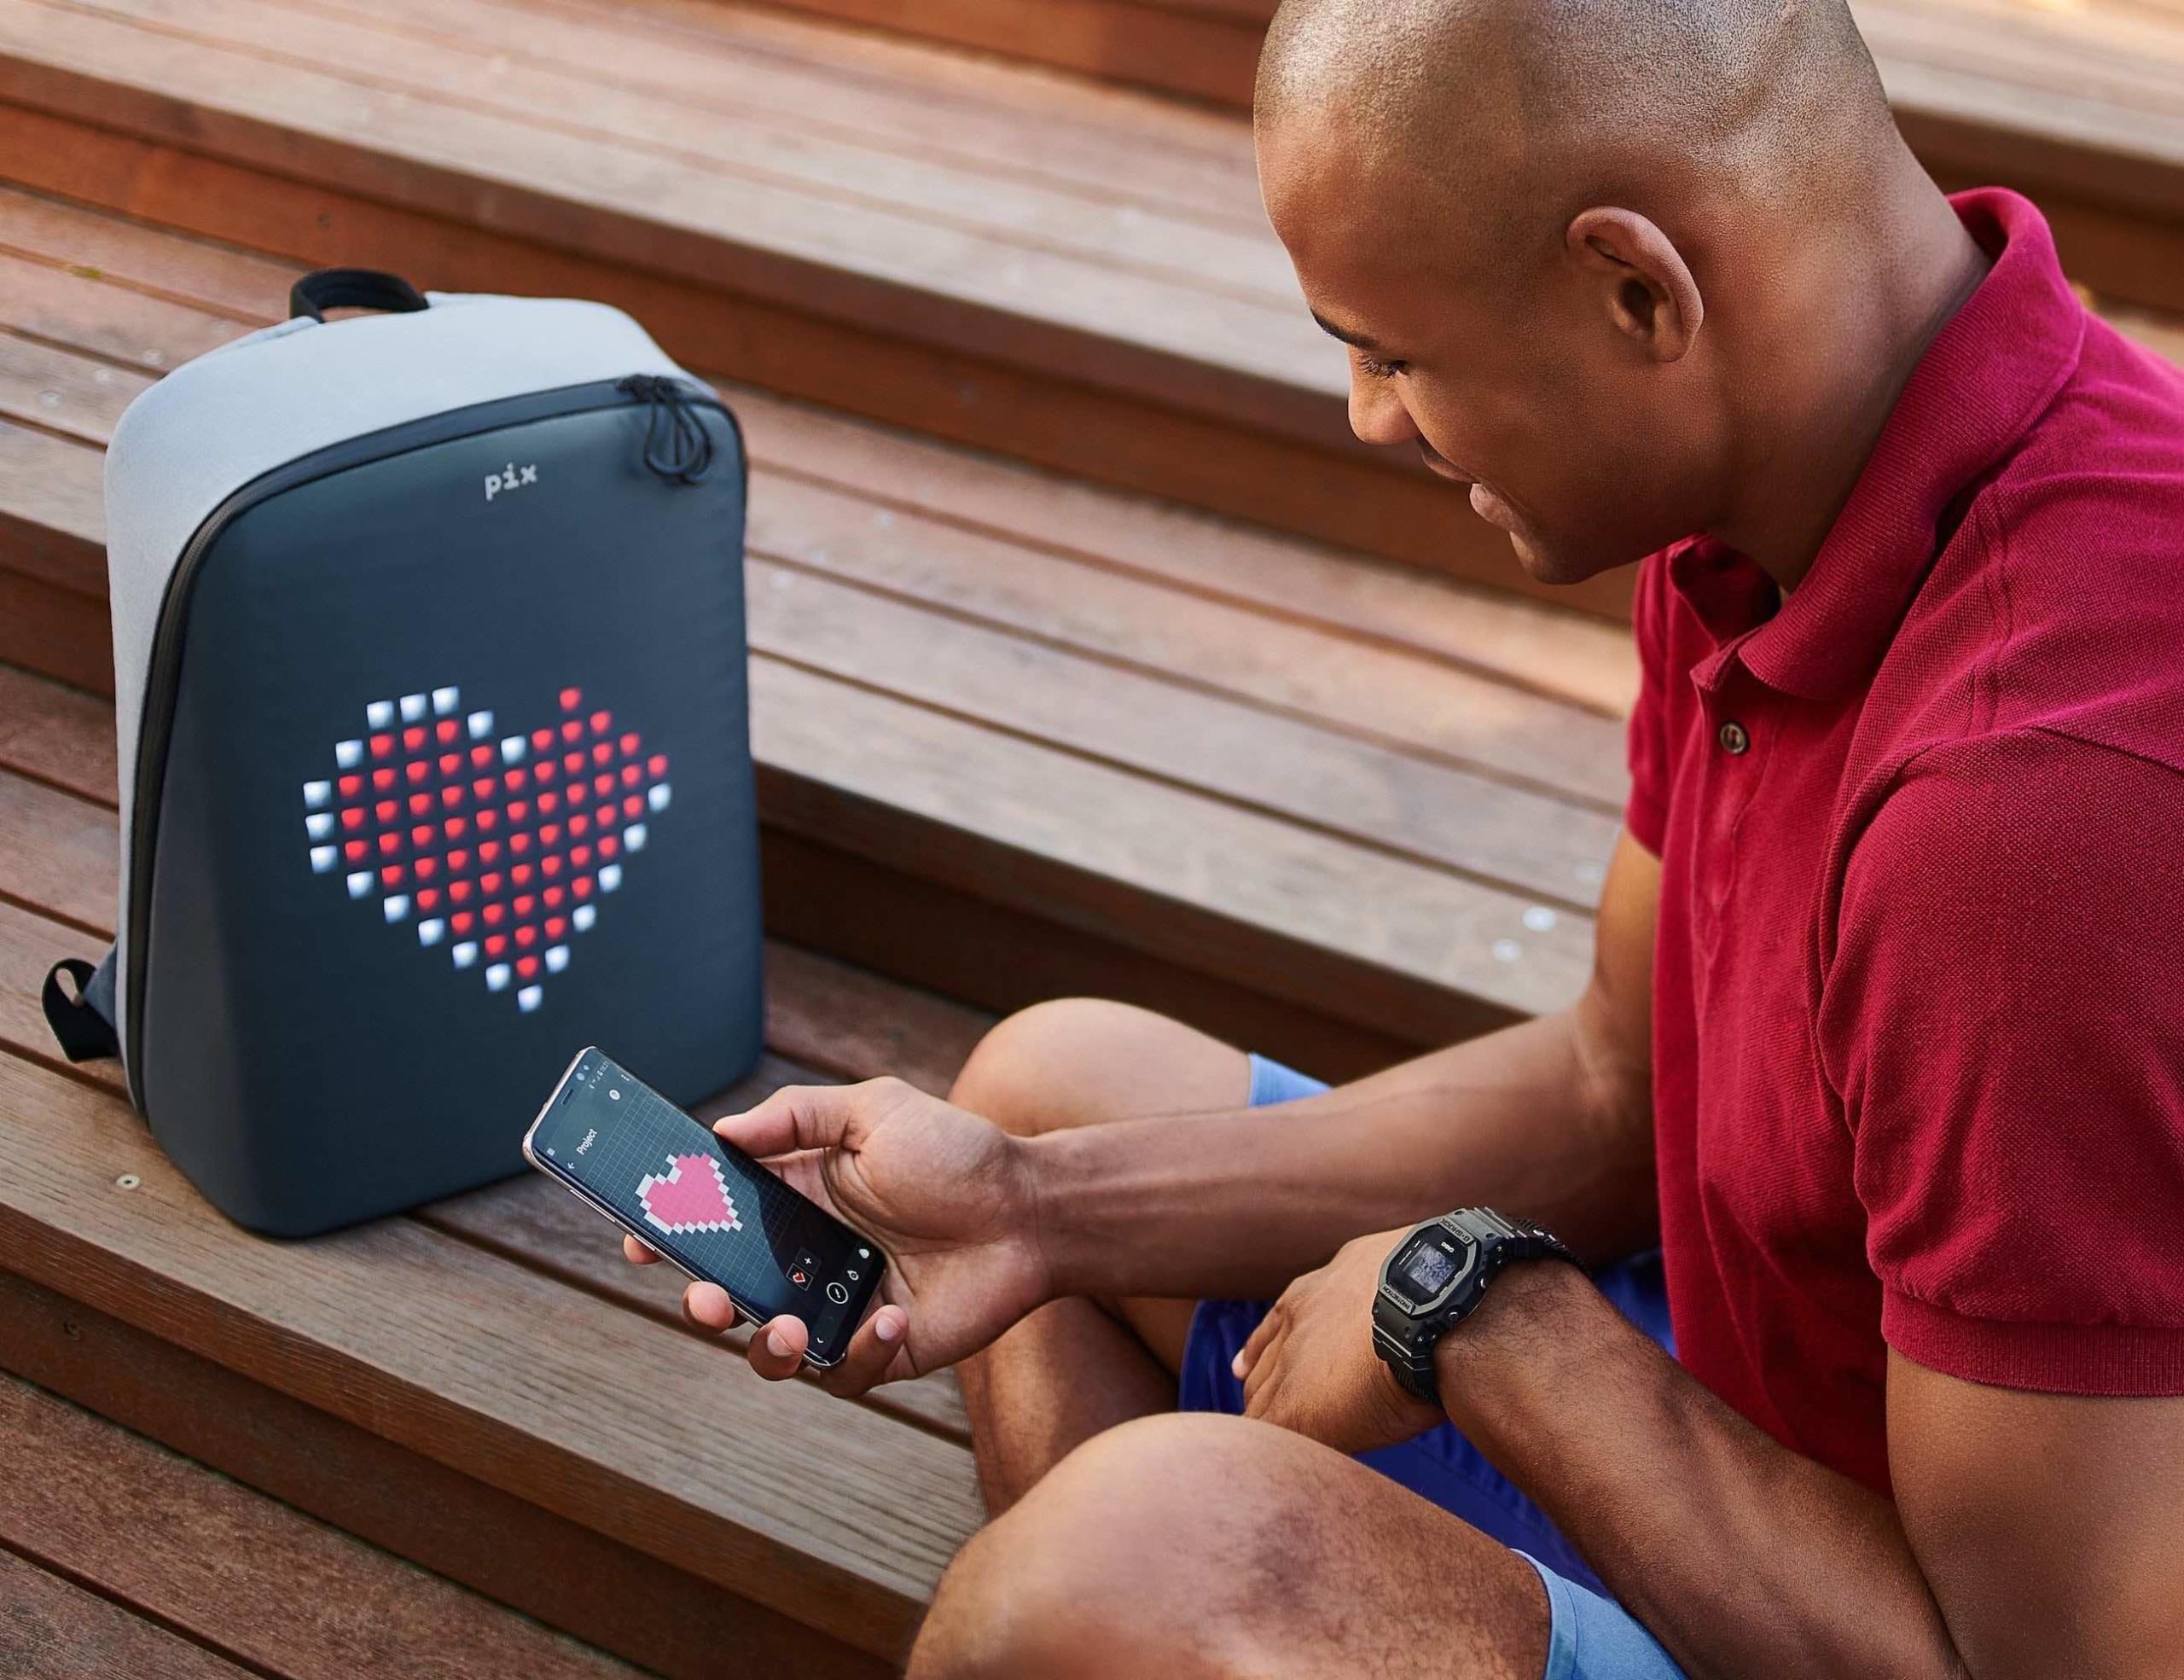 Pix Smart Animative Backpack